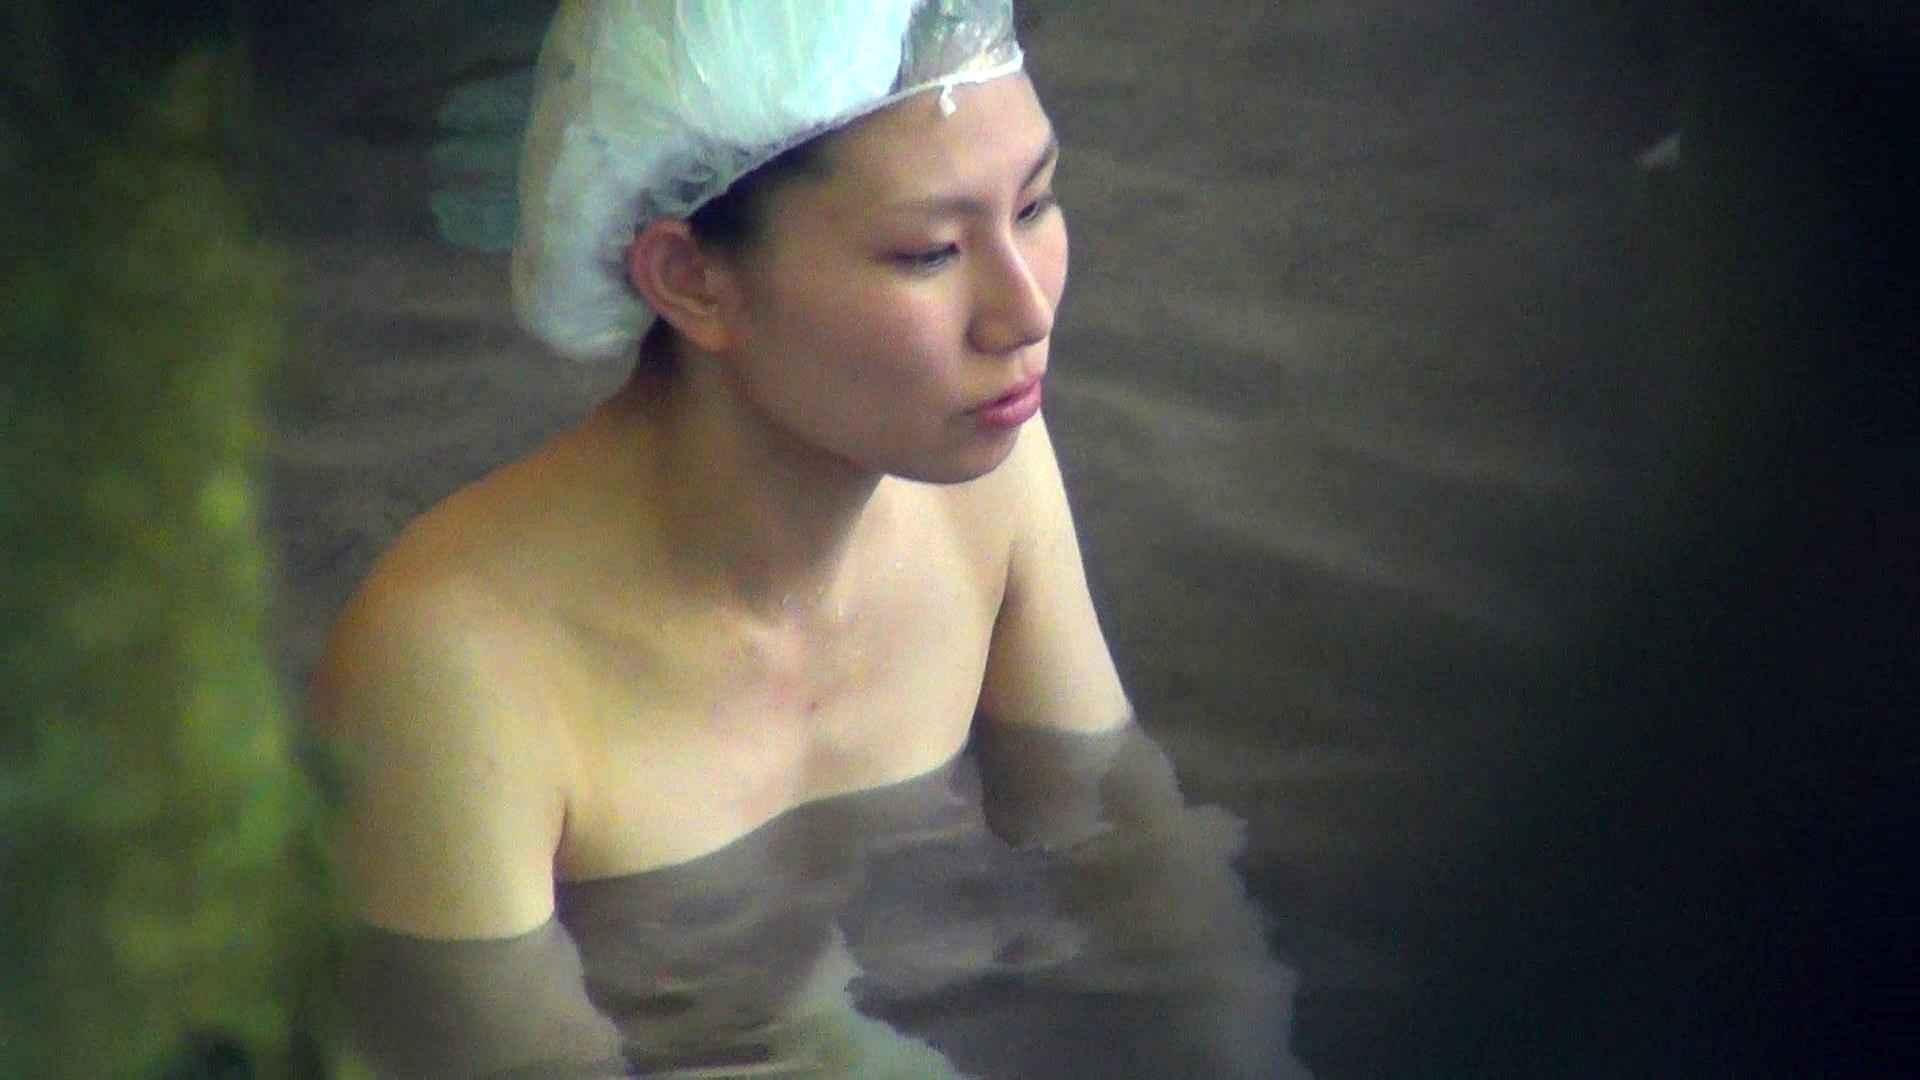 Vol.43 ヘアキャップをしても美しい中性的美女simai ギャル攻め 性交動画流出 110画像 51